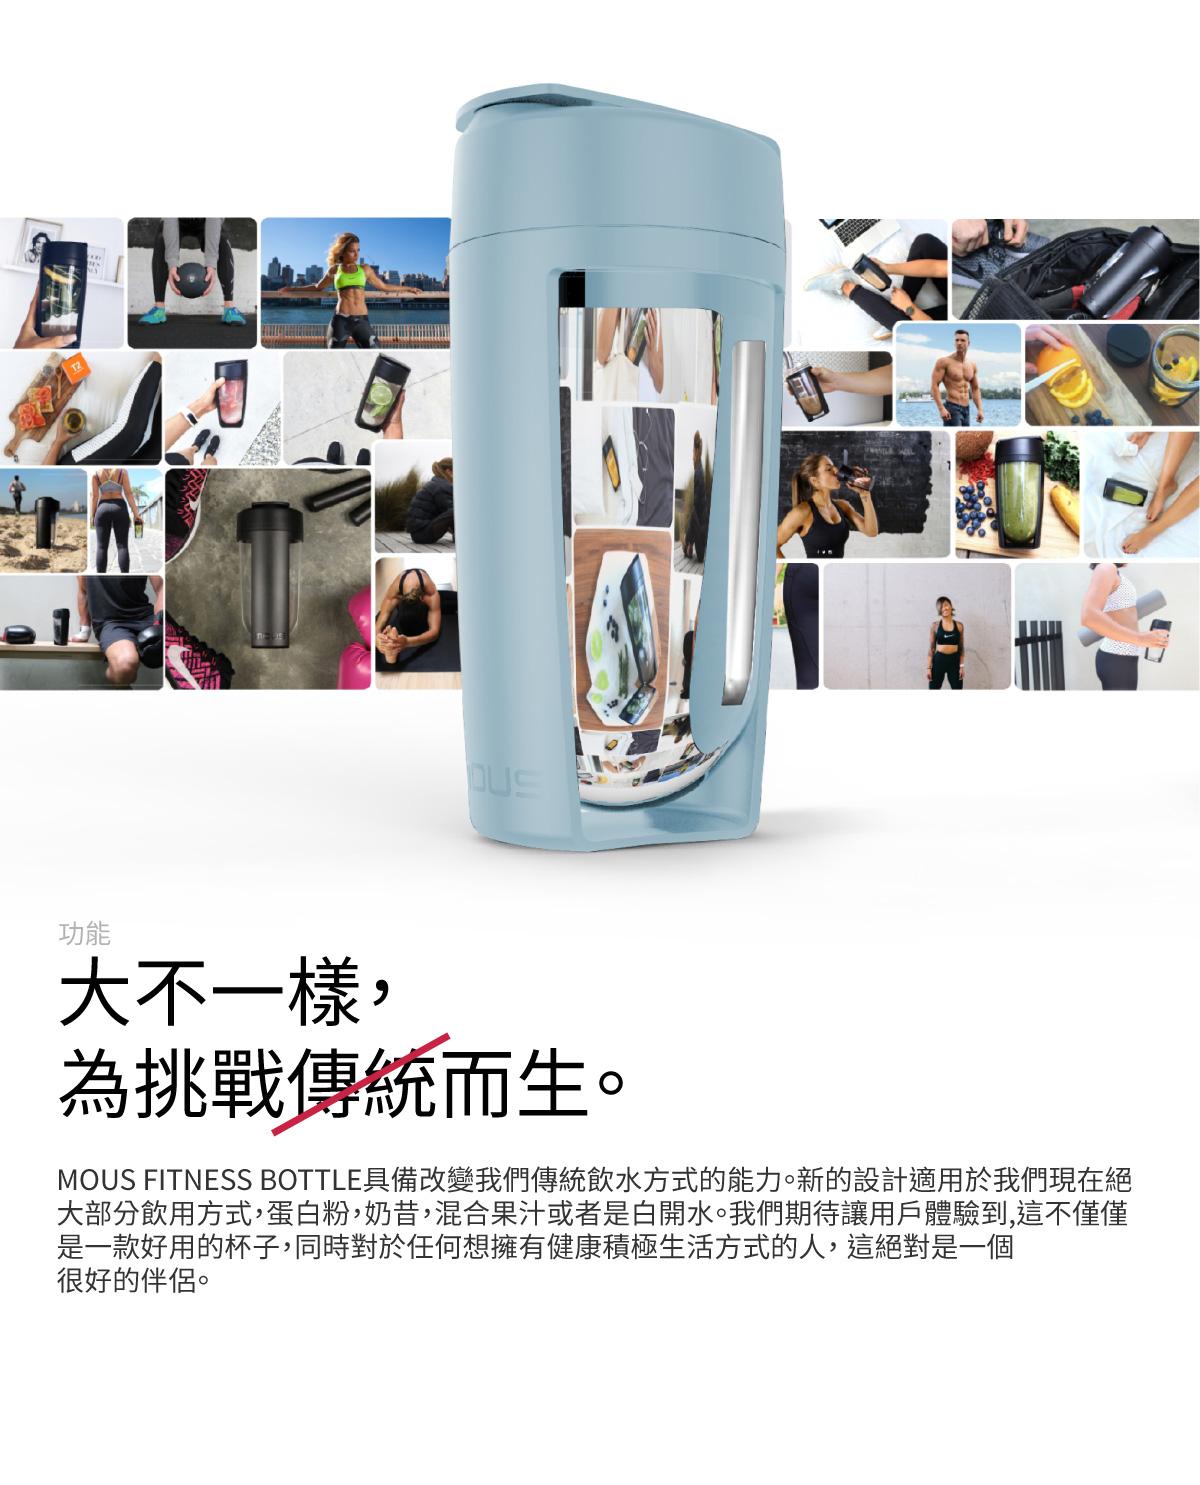 一個mous_fitness_light blue,嫣波藍色的運動健身搖搖杯,各種使用情境,蛋白粉,奶昔,混合果汁或是白開水